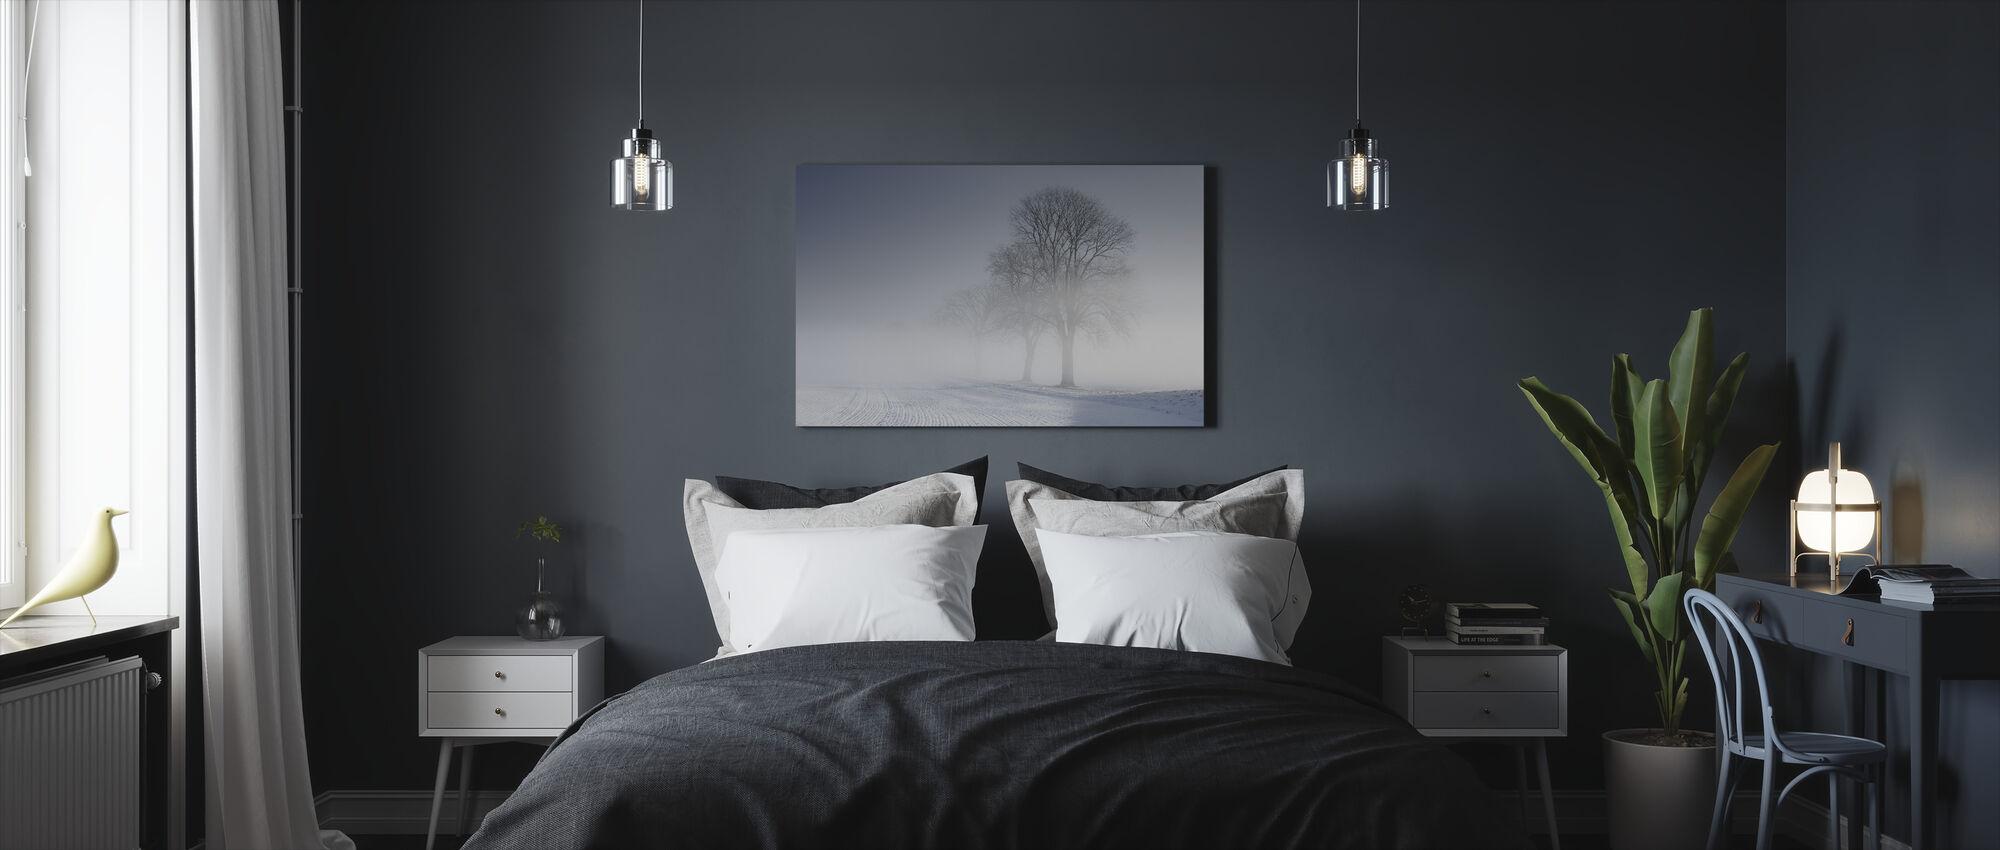 Winter Landscape in Skabersjö, Sweden - Canvas print - Bedroom